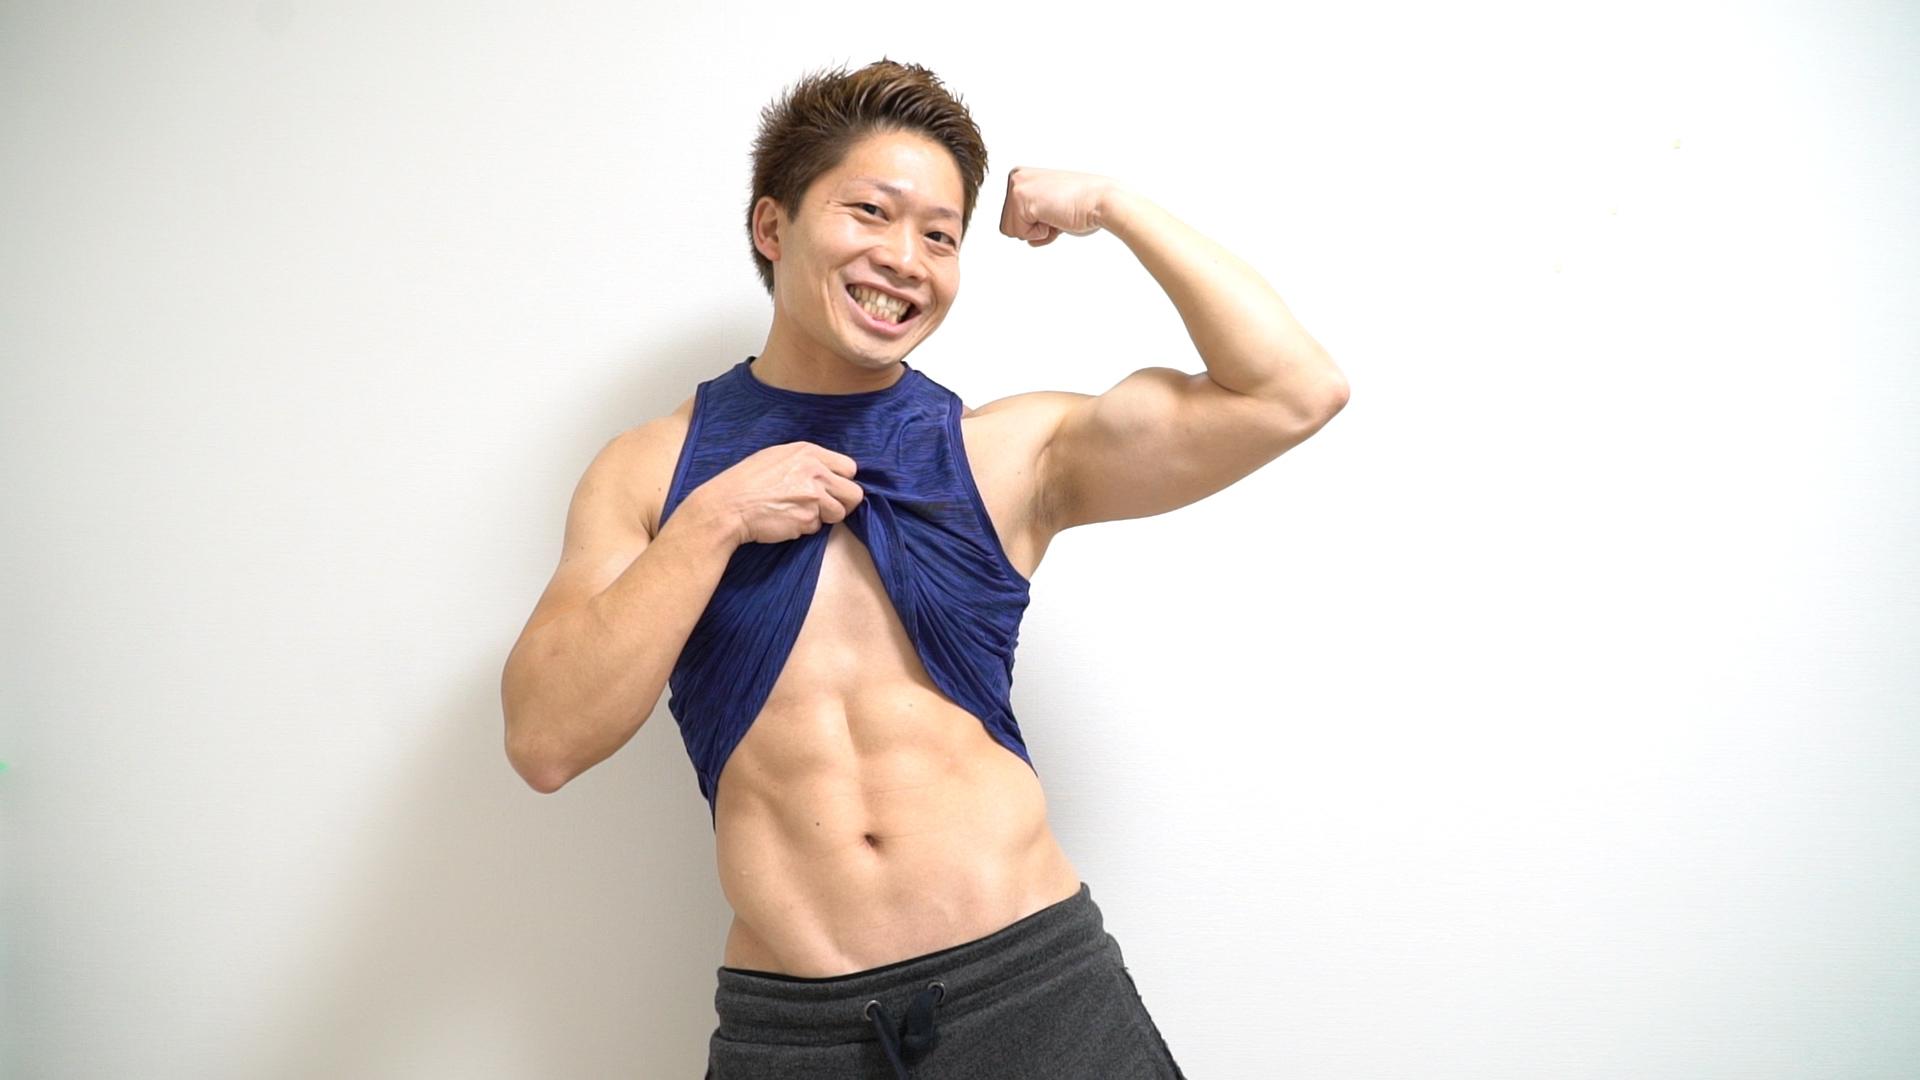 【まとめ】ダイエットの間違いパターンと正解パターンを一挙公開! | Muscle Watching